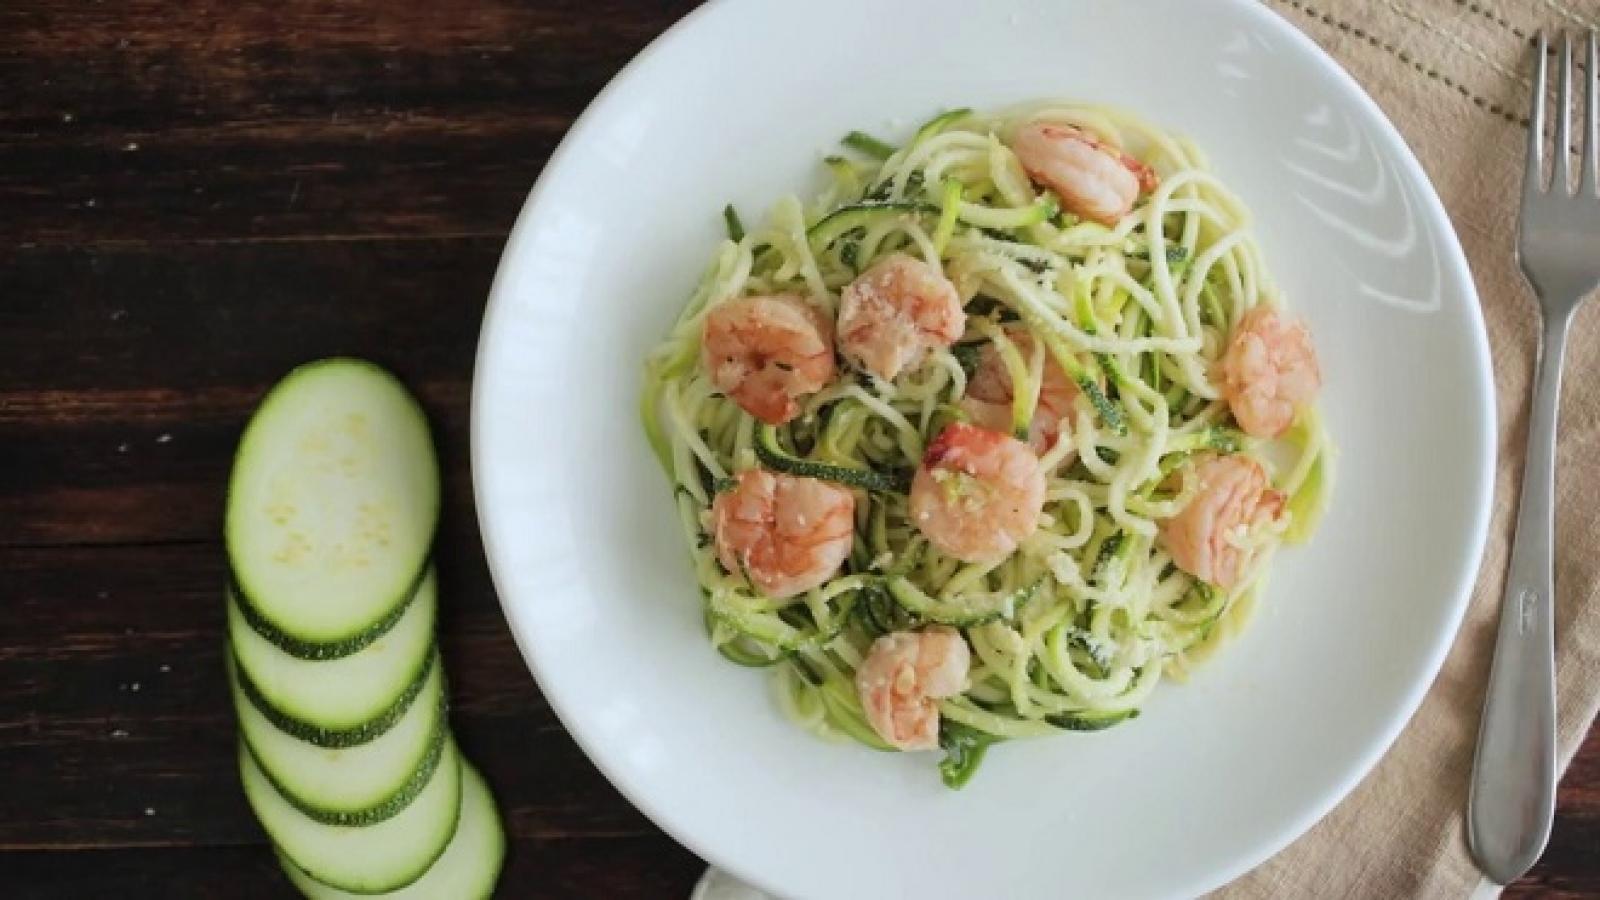 Mách bạn một số món ăn chế biến từ rau vô cùng hấp dẫn